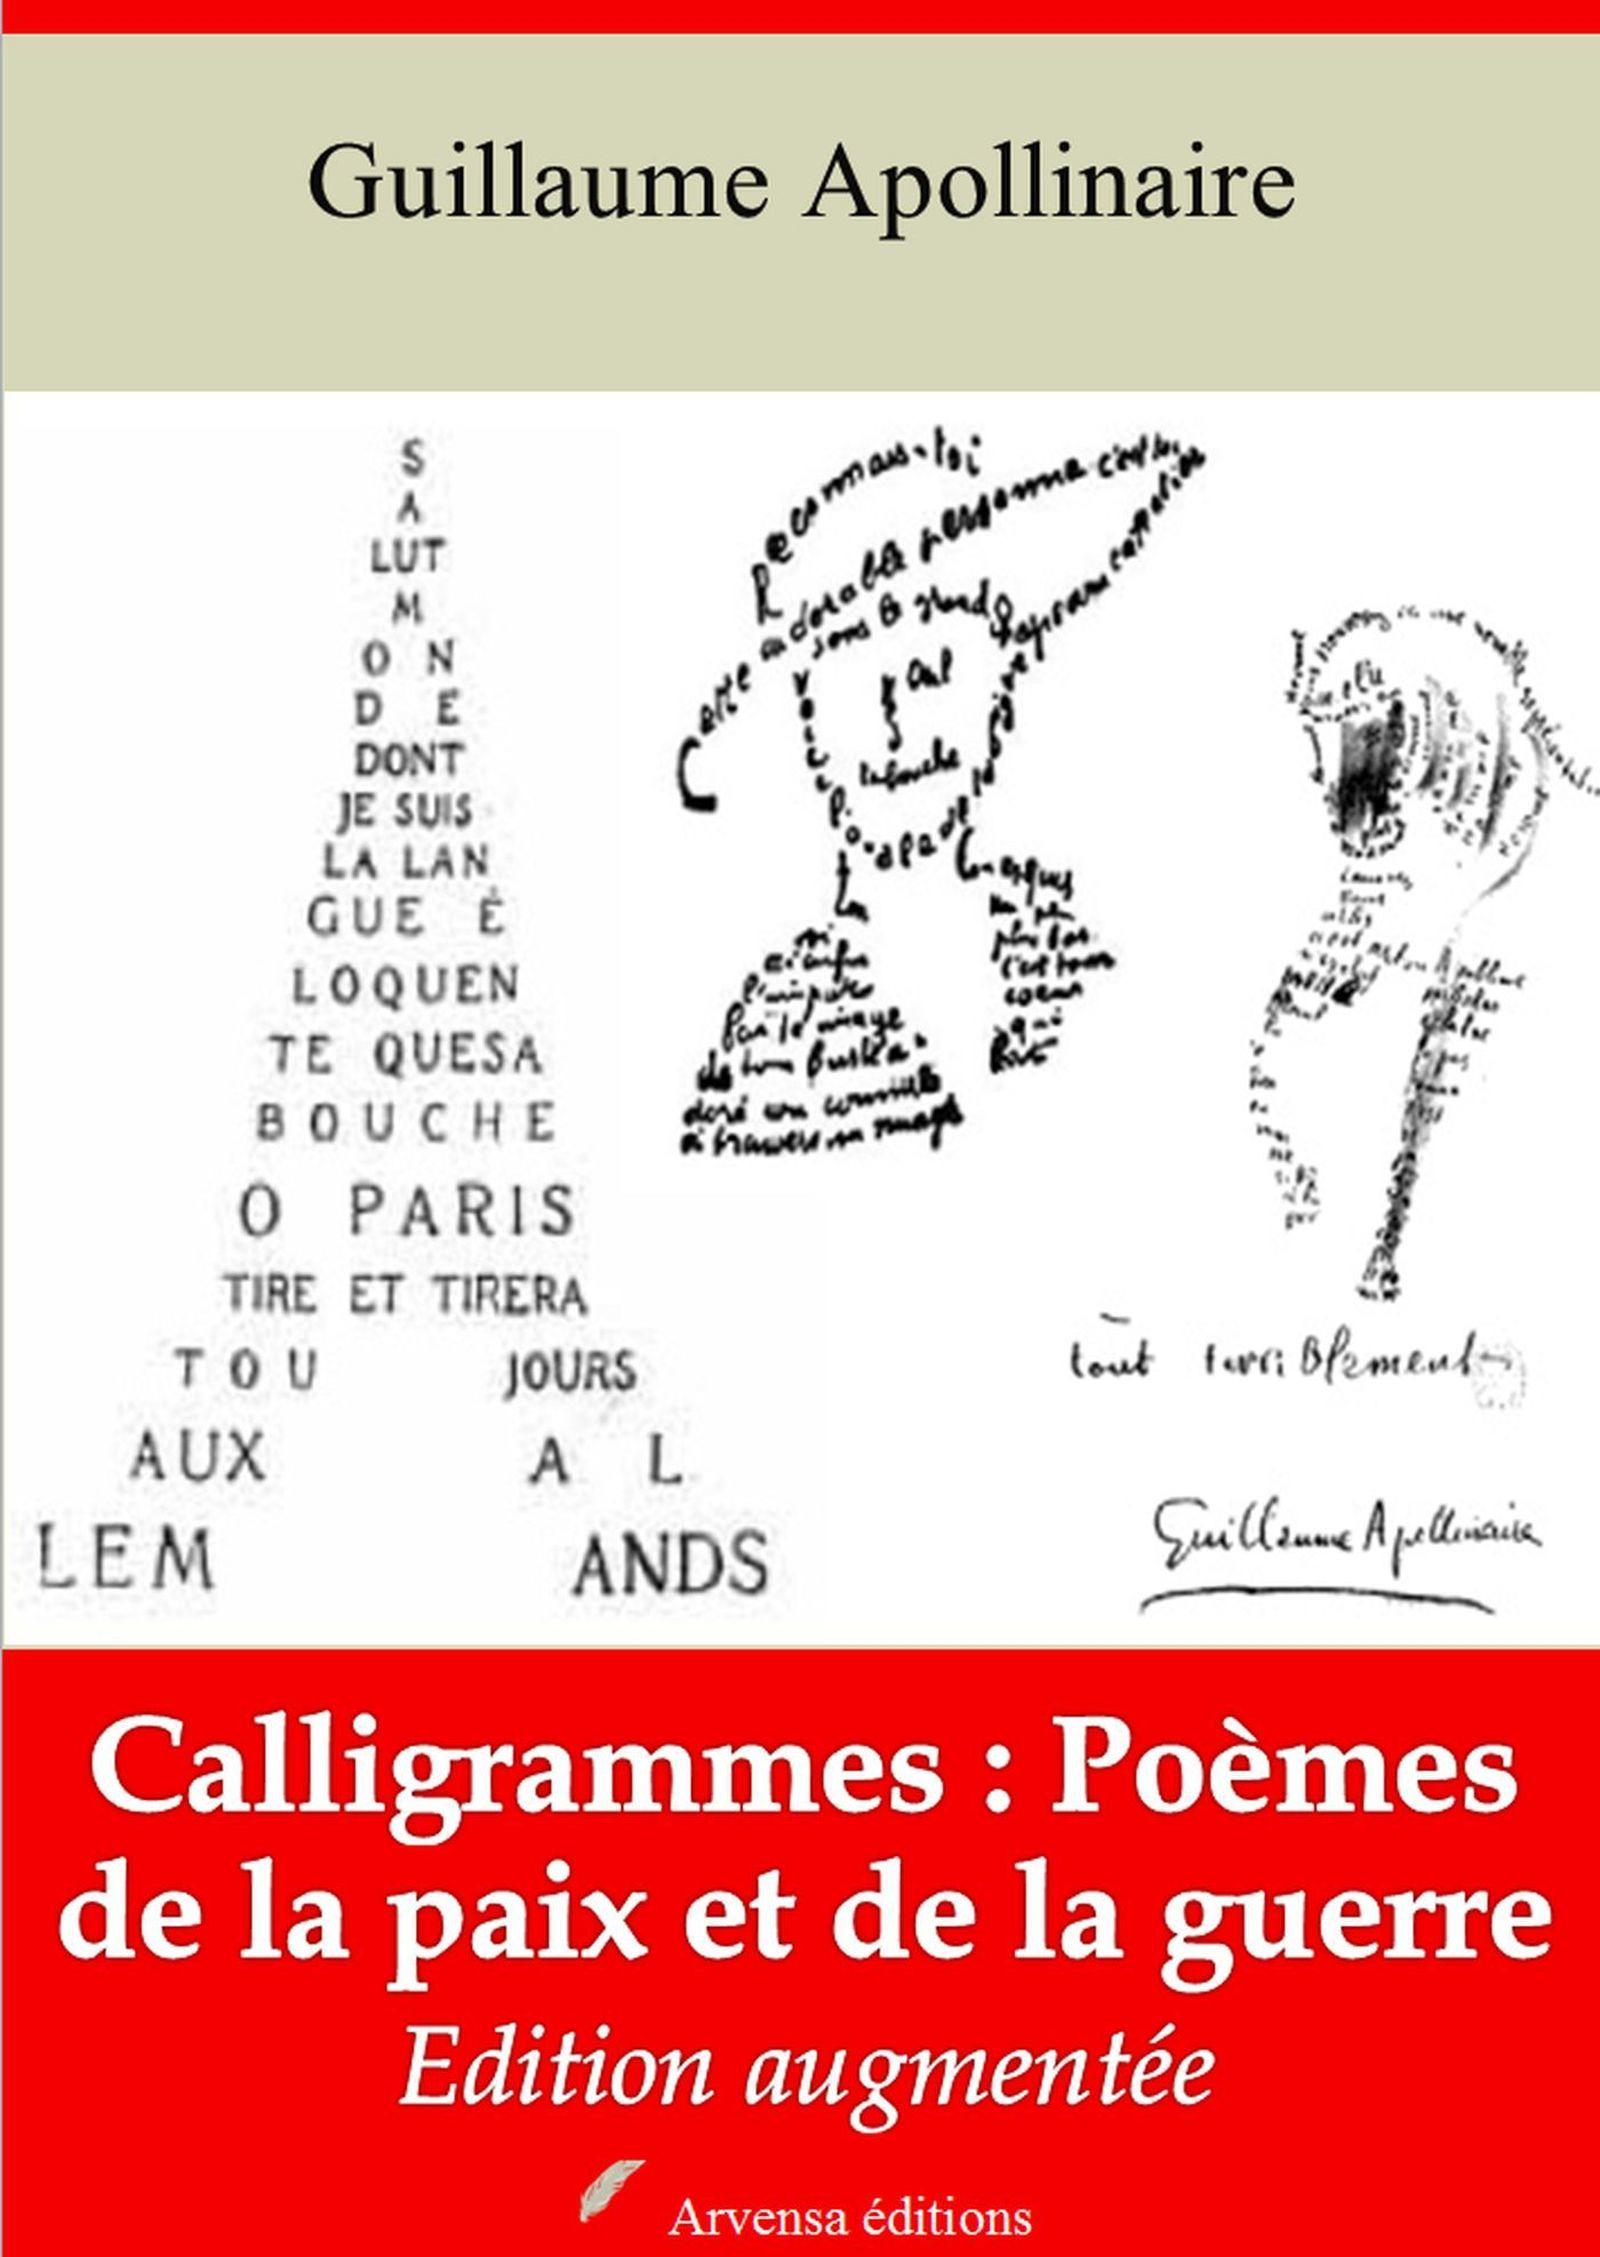 Calligrammes : poèmes de la paix et de la guerre - suivi d'annexes